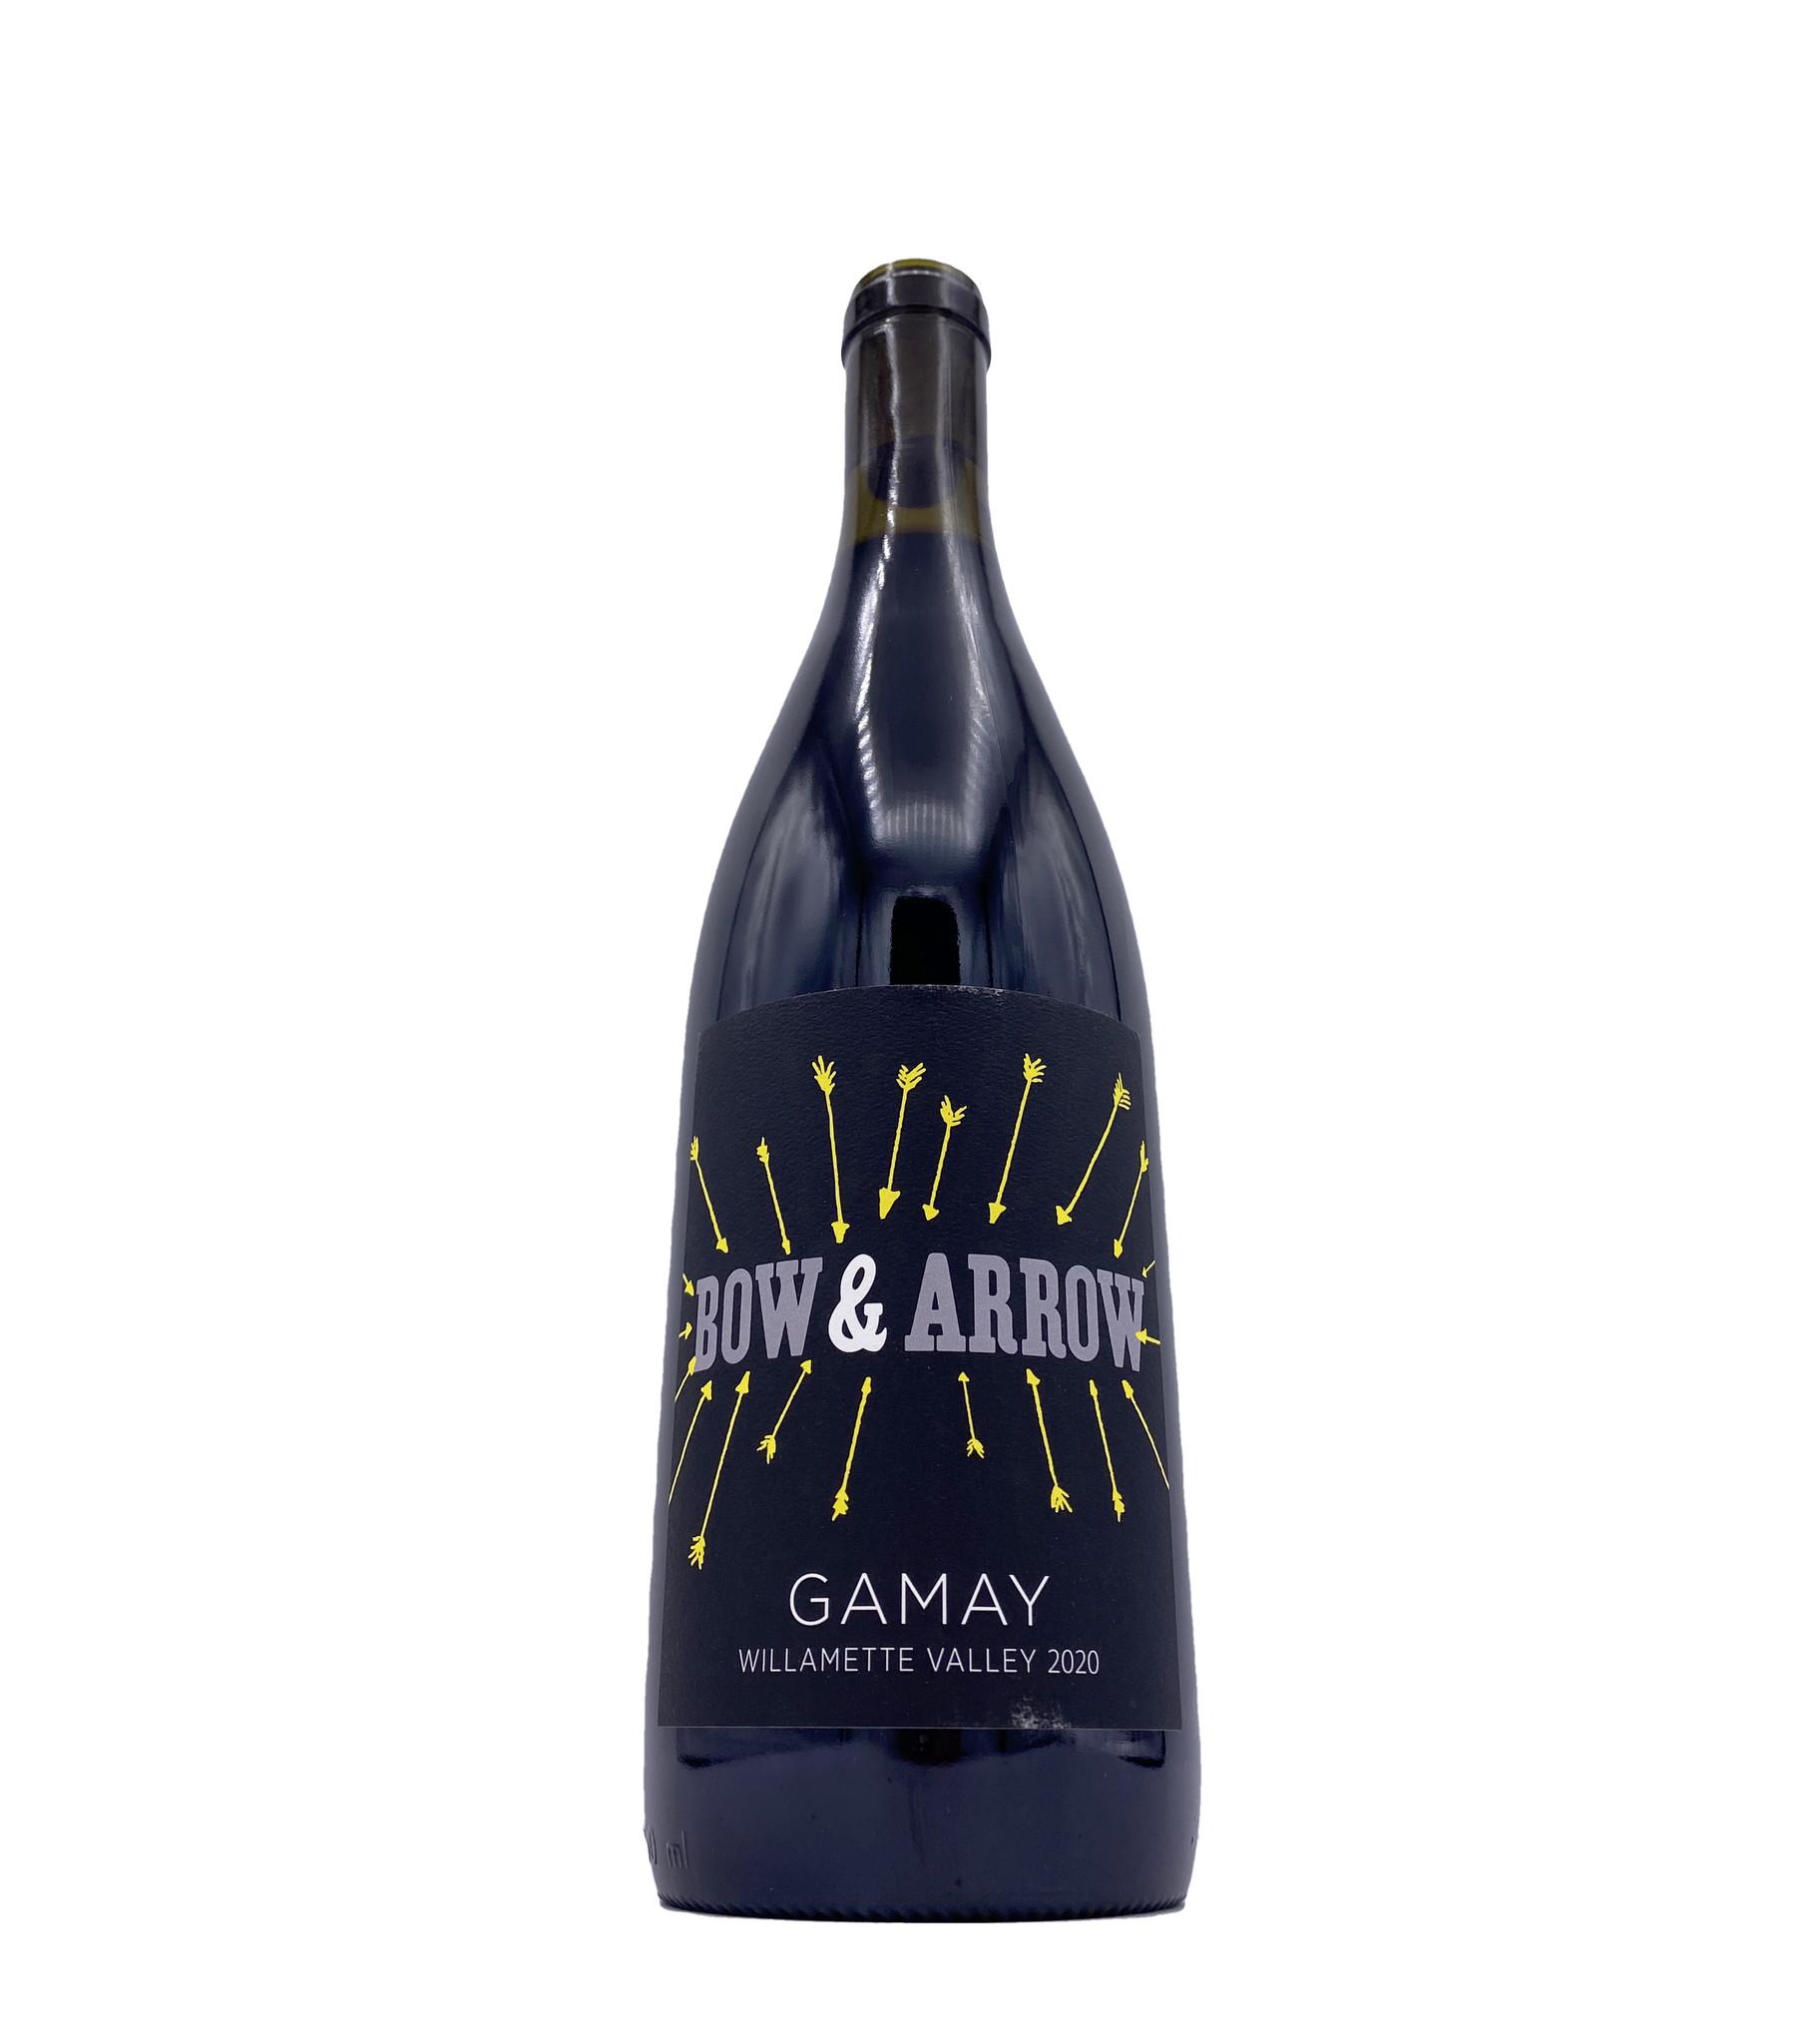 Gamay 2020 Bow & Arrow